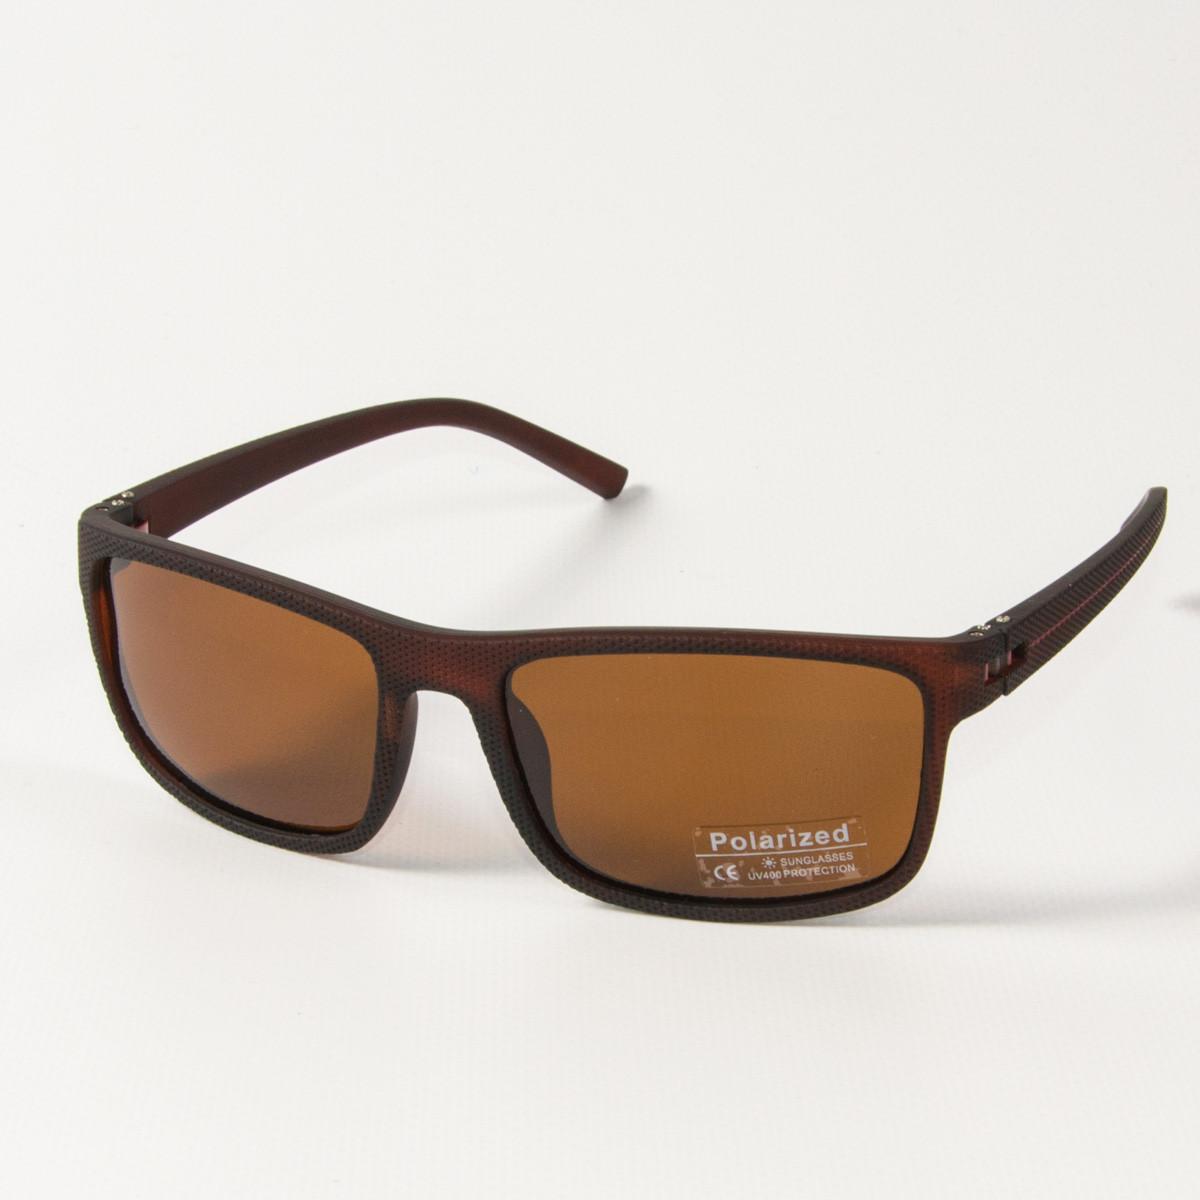 Оптом поляризационные  спортивные мужские солнцезащитные  очки  (арт. P76070/3) коричневые